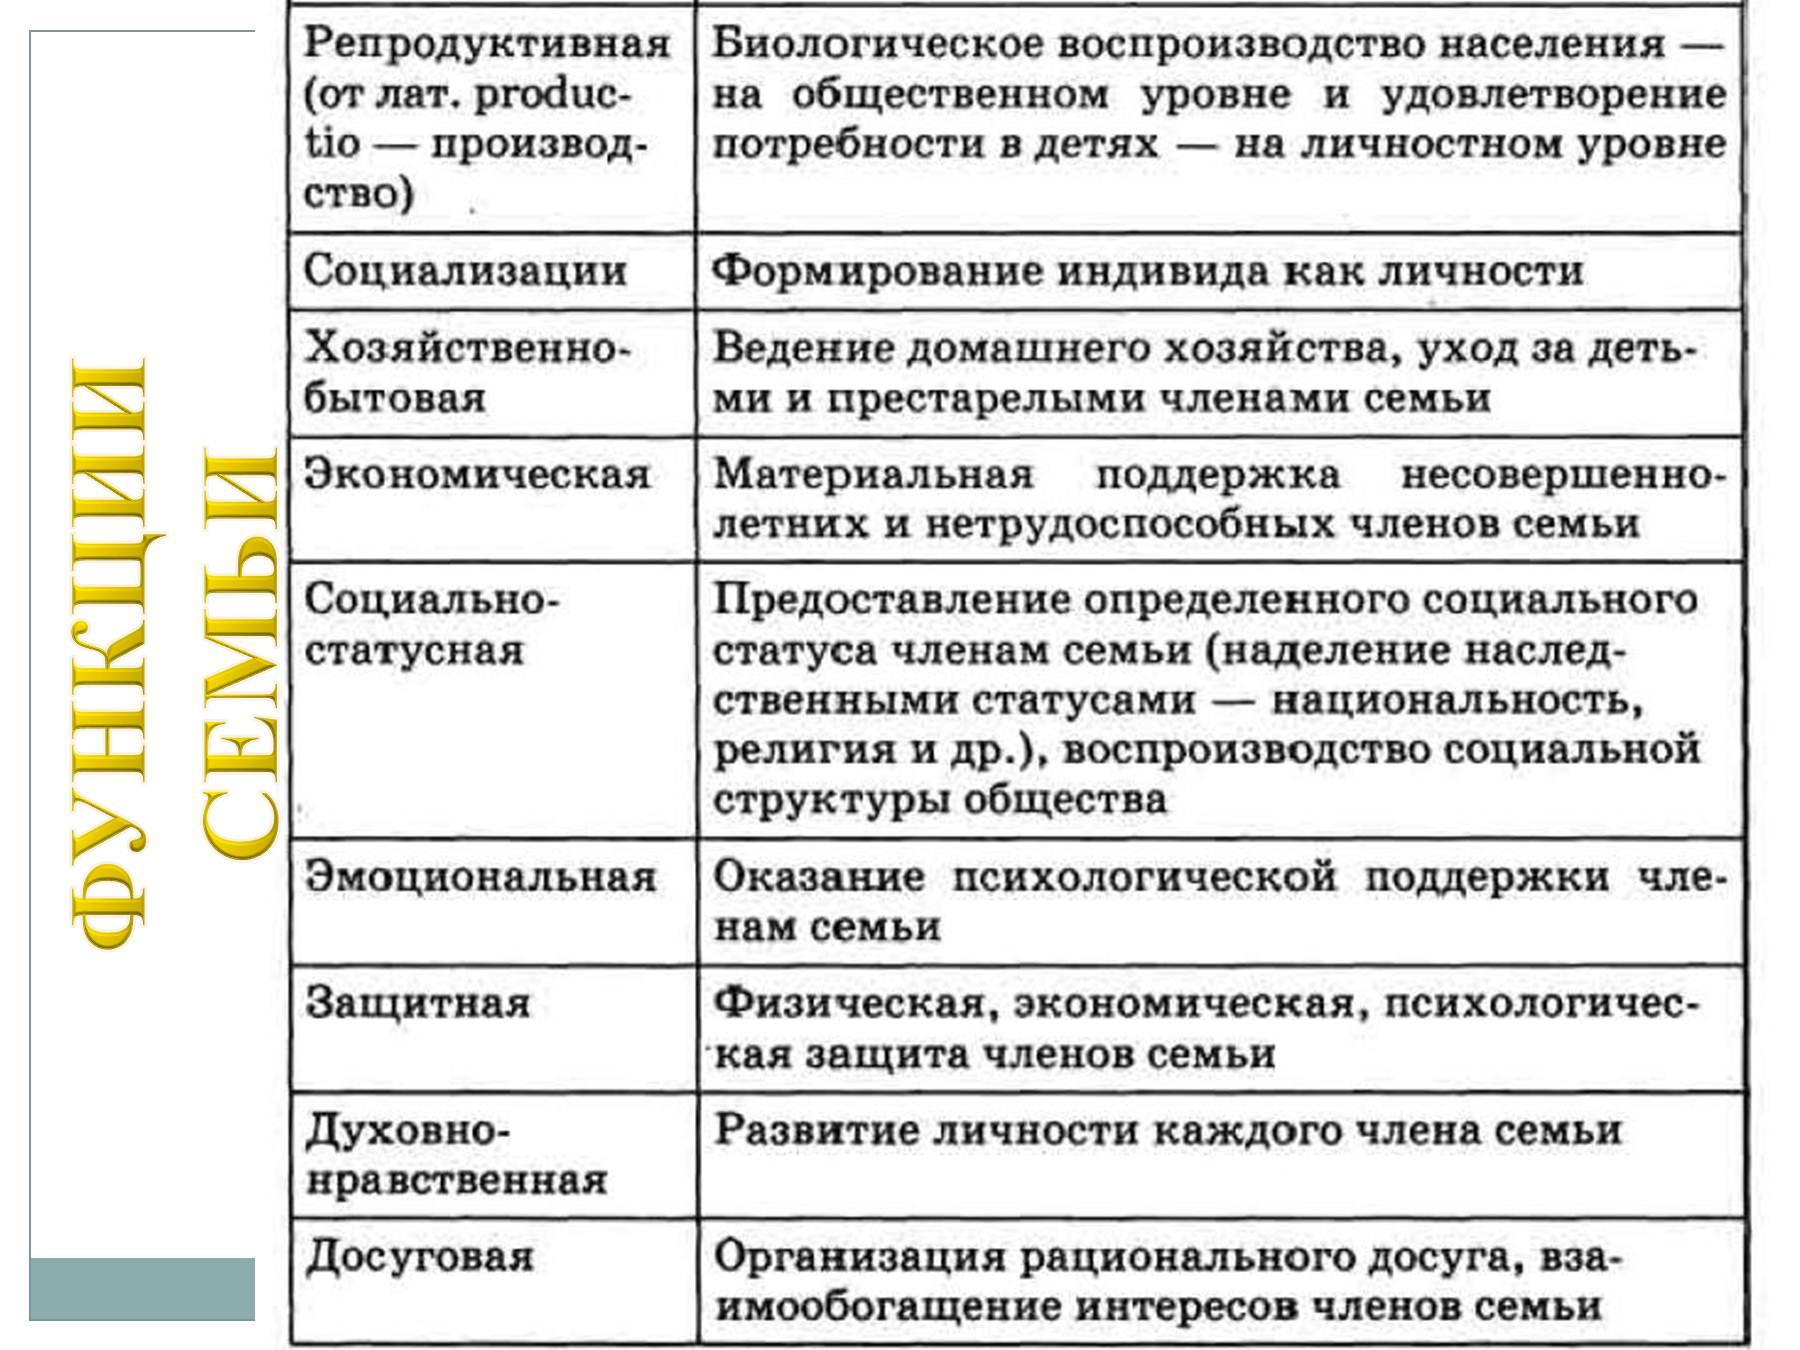 ponyatie-netrudosposobnosti-chlena-semi